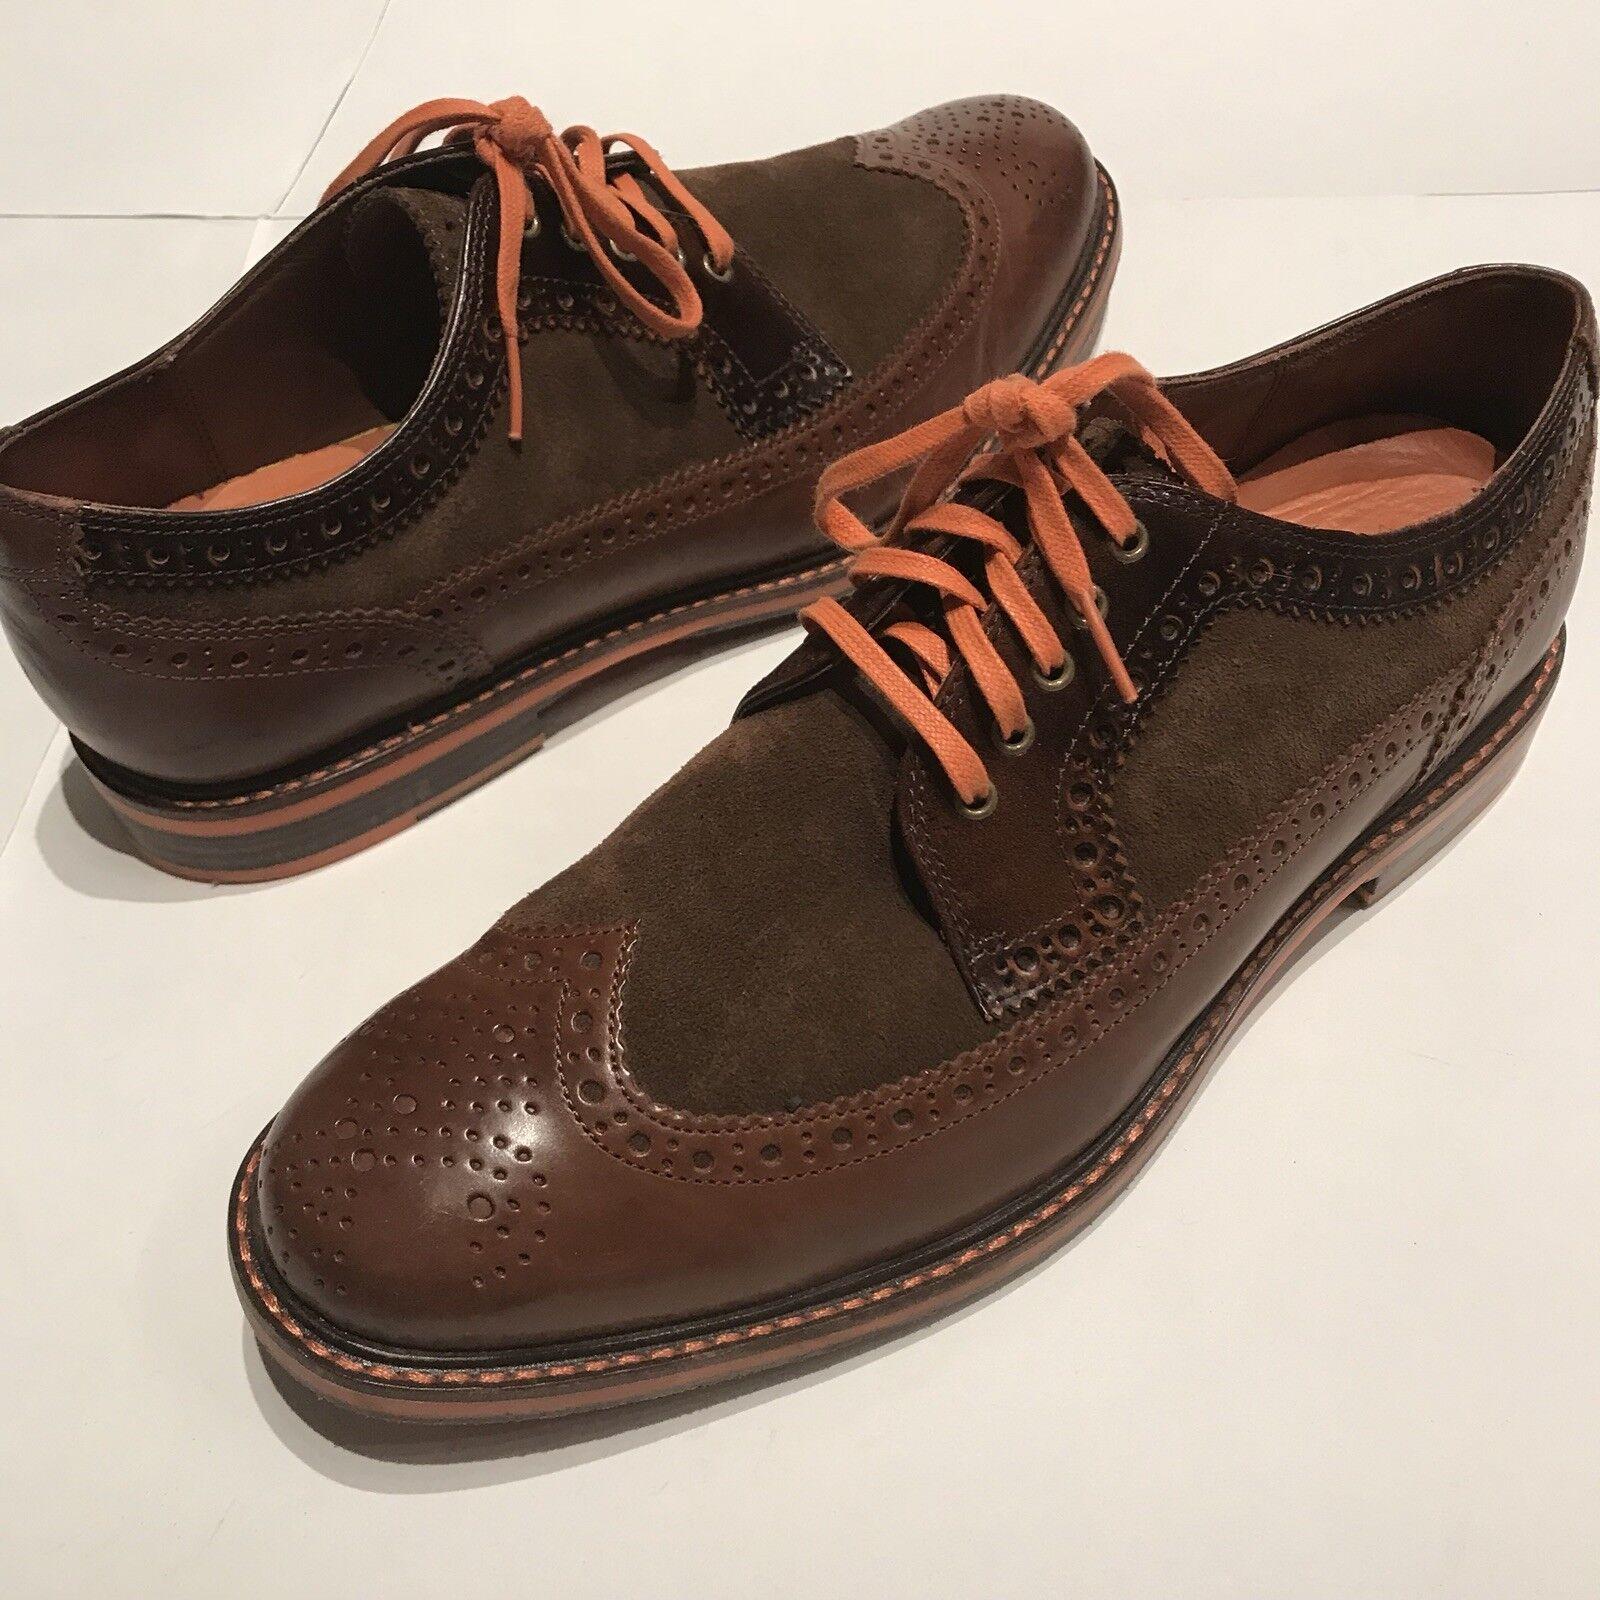 Cole Haan Homme Cooper Square Bout D'Aile Chaussures en cuir marron en daim Orange Taille 10